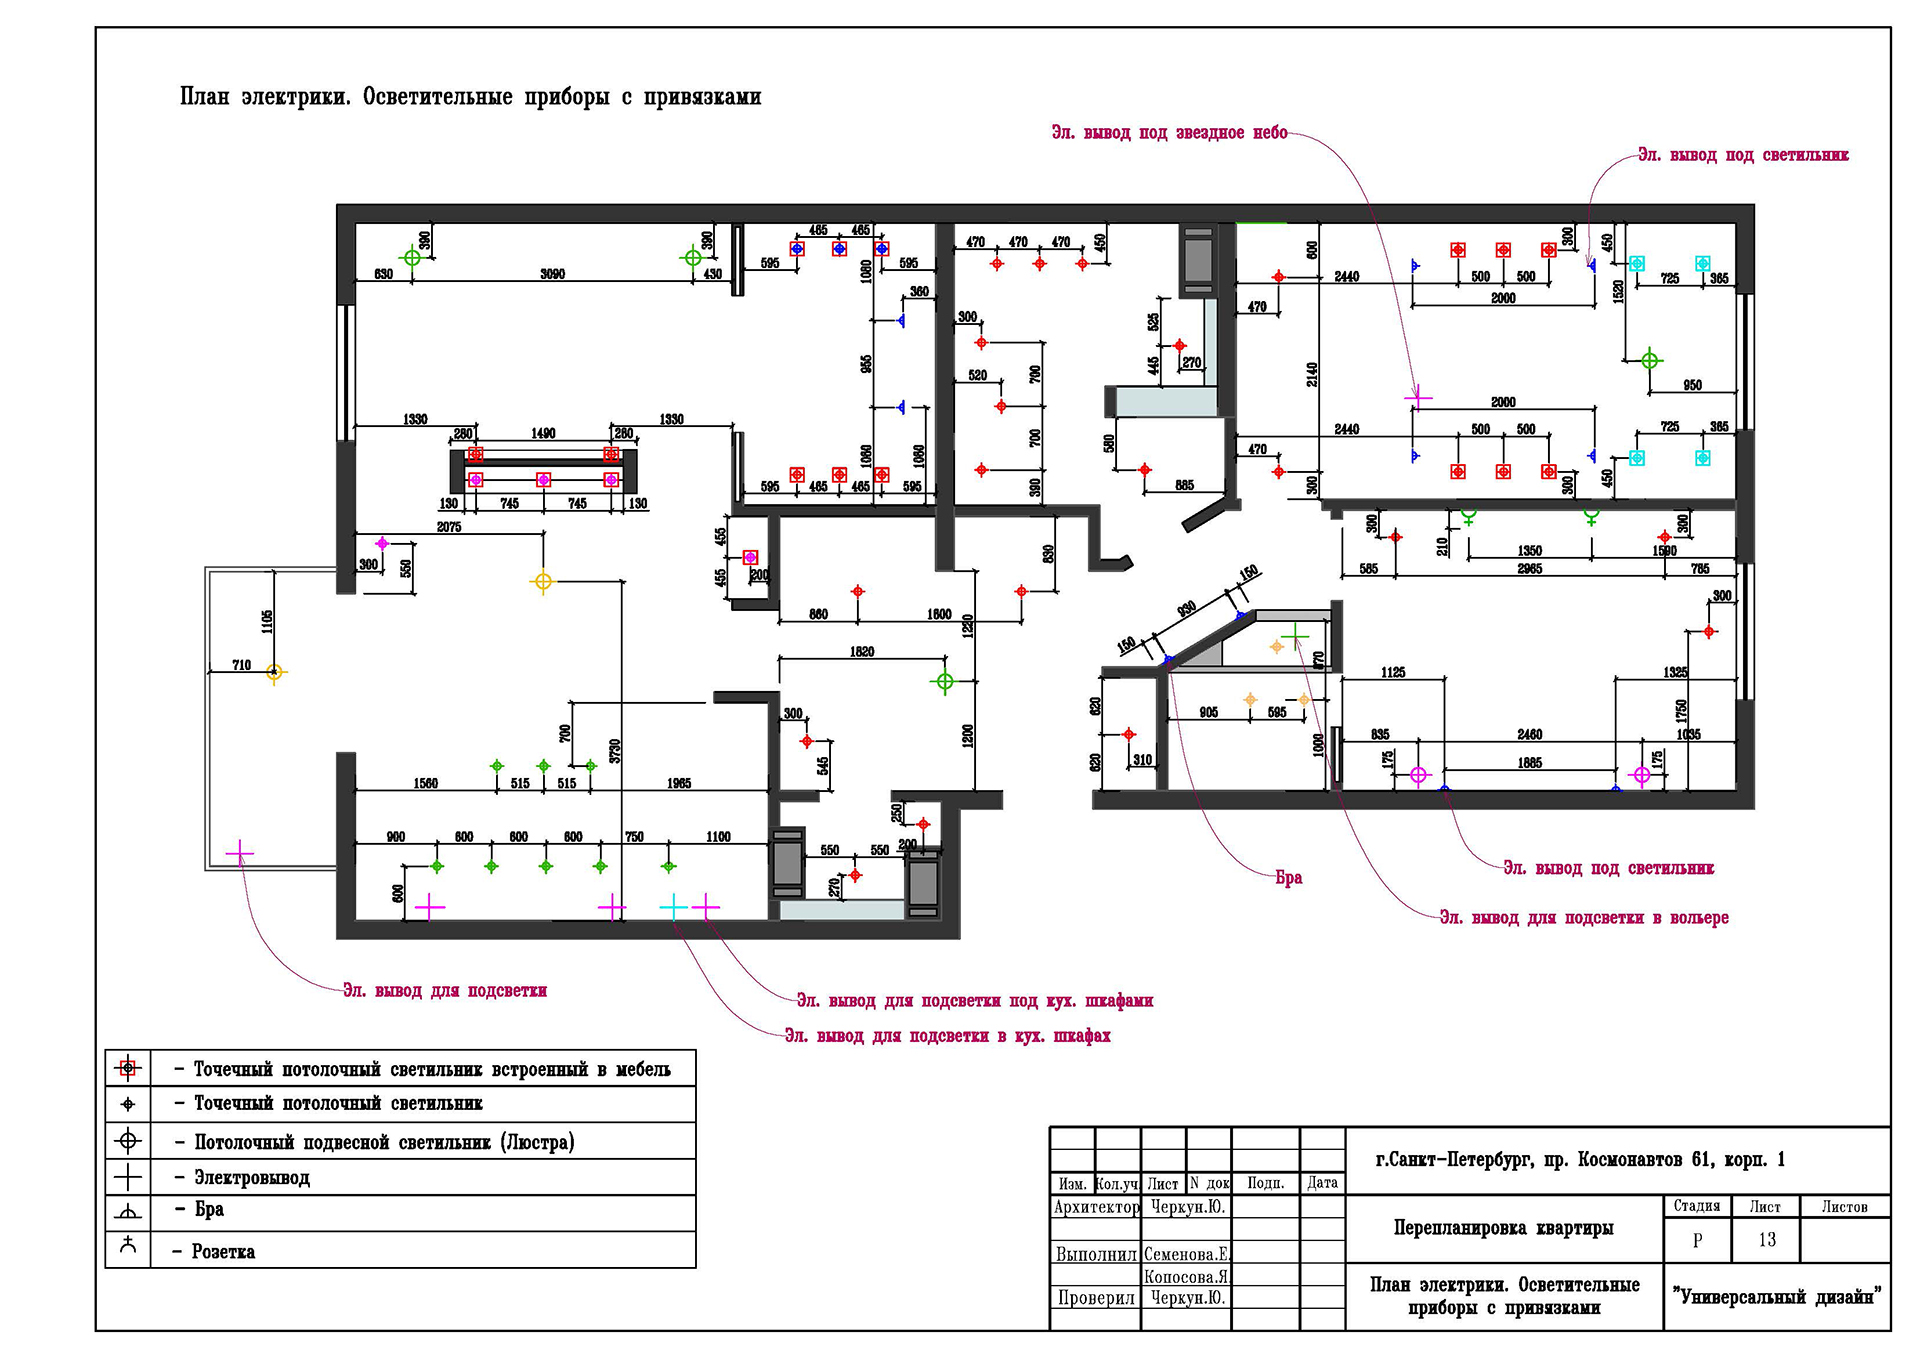 Как сделать, составить, нарисовать план, схему участка 25